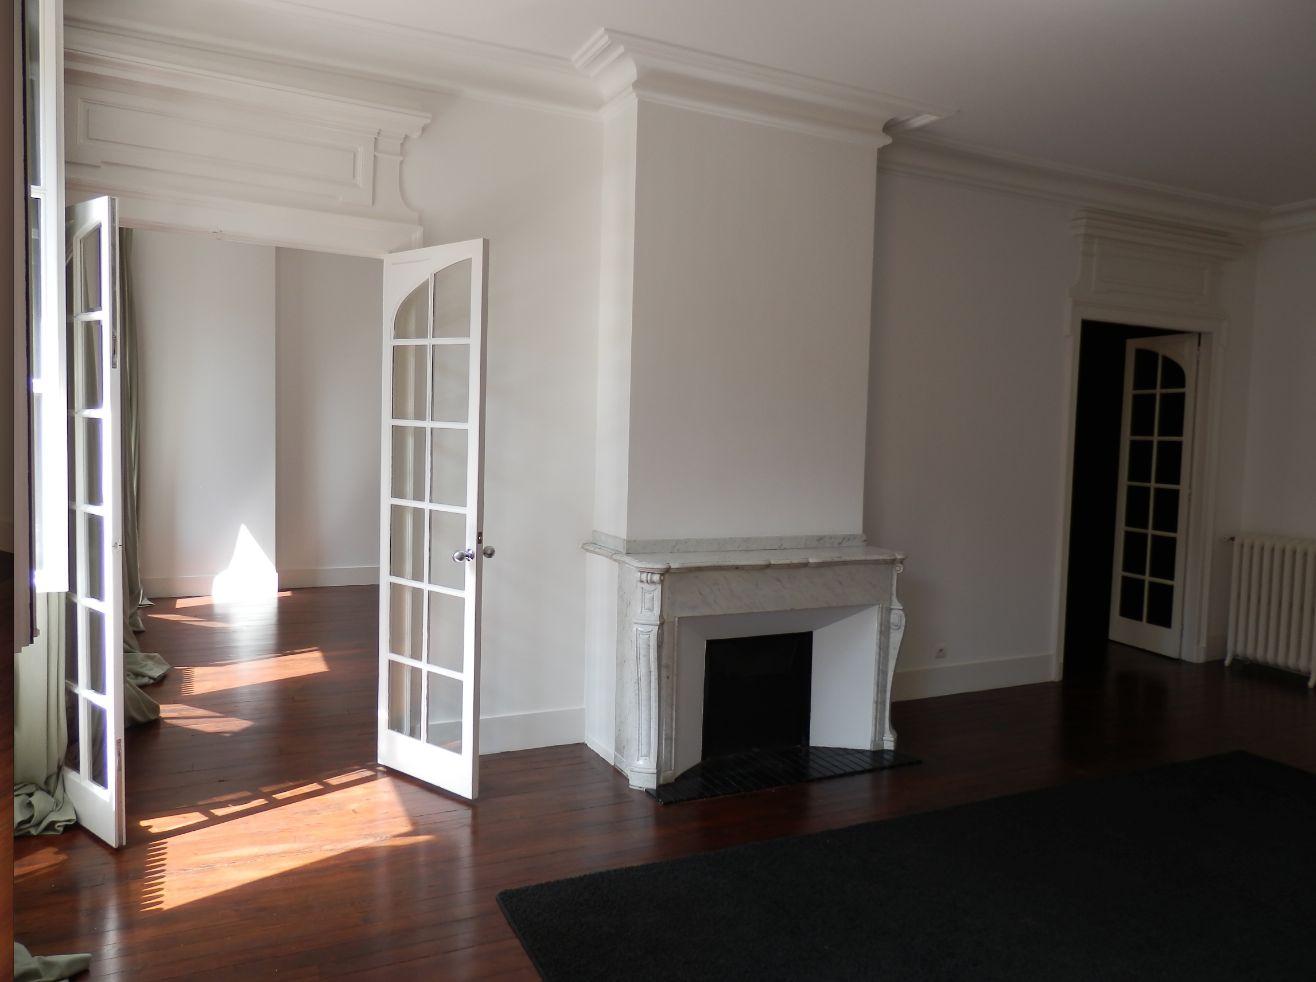 Achat appartement Toulouse : choisir entre le neuf et l'ancien